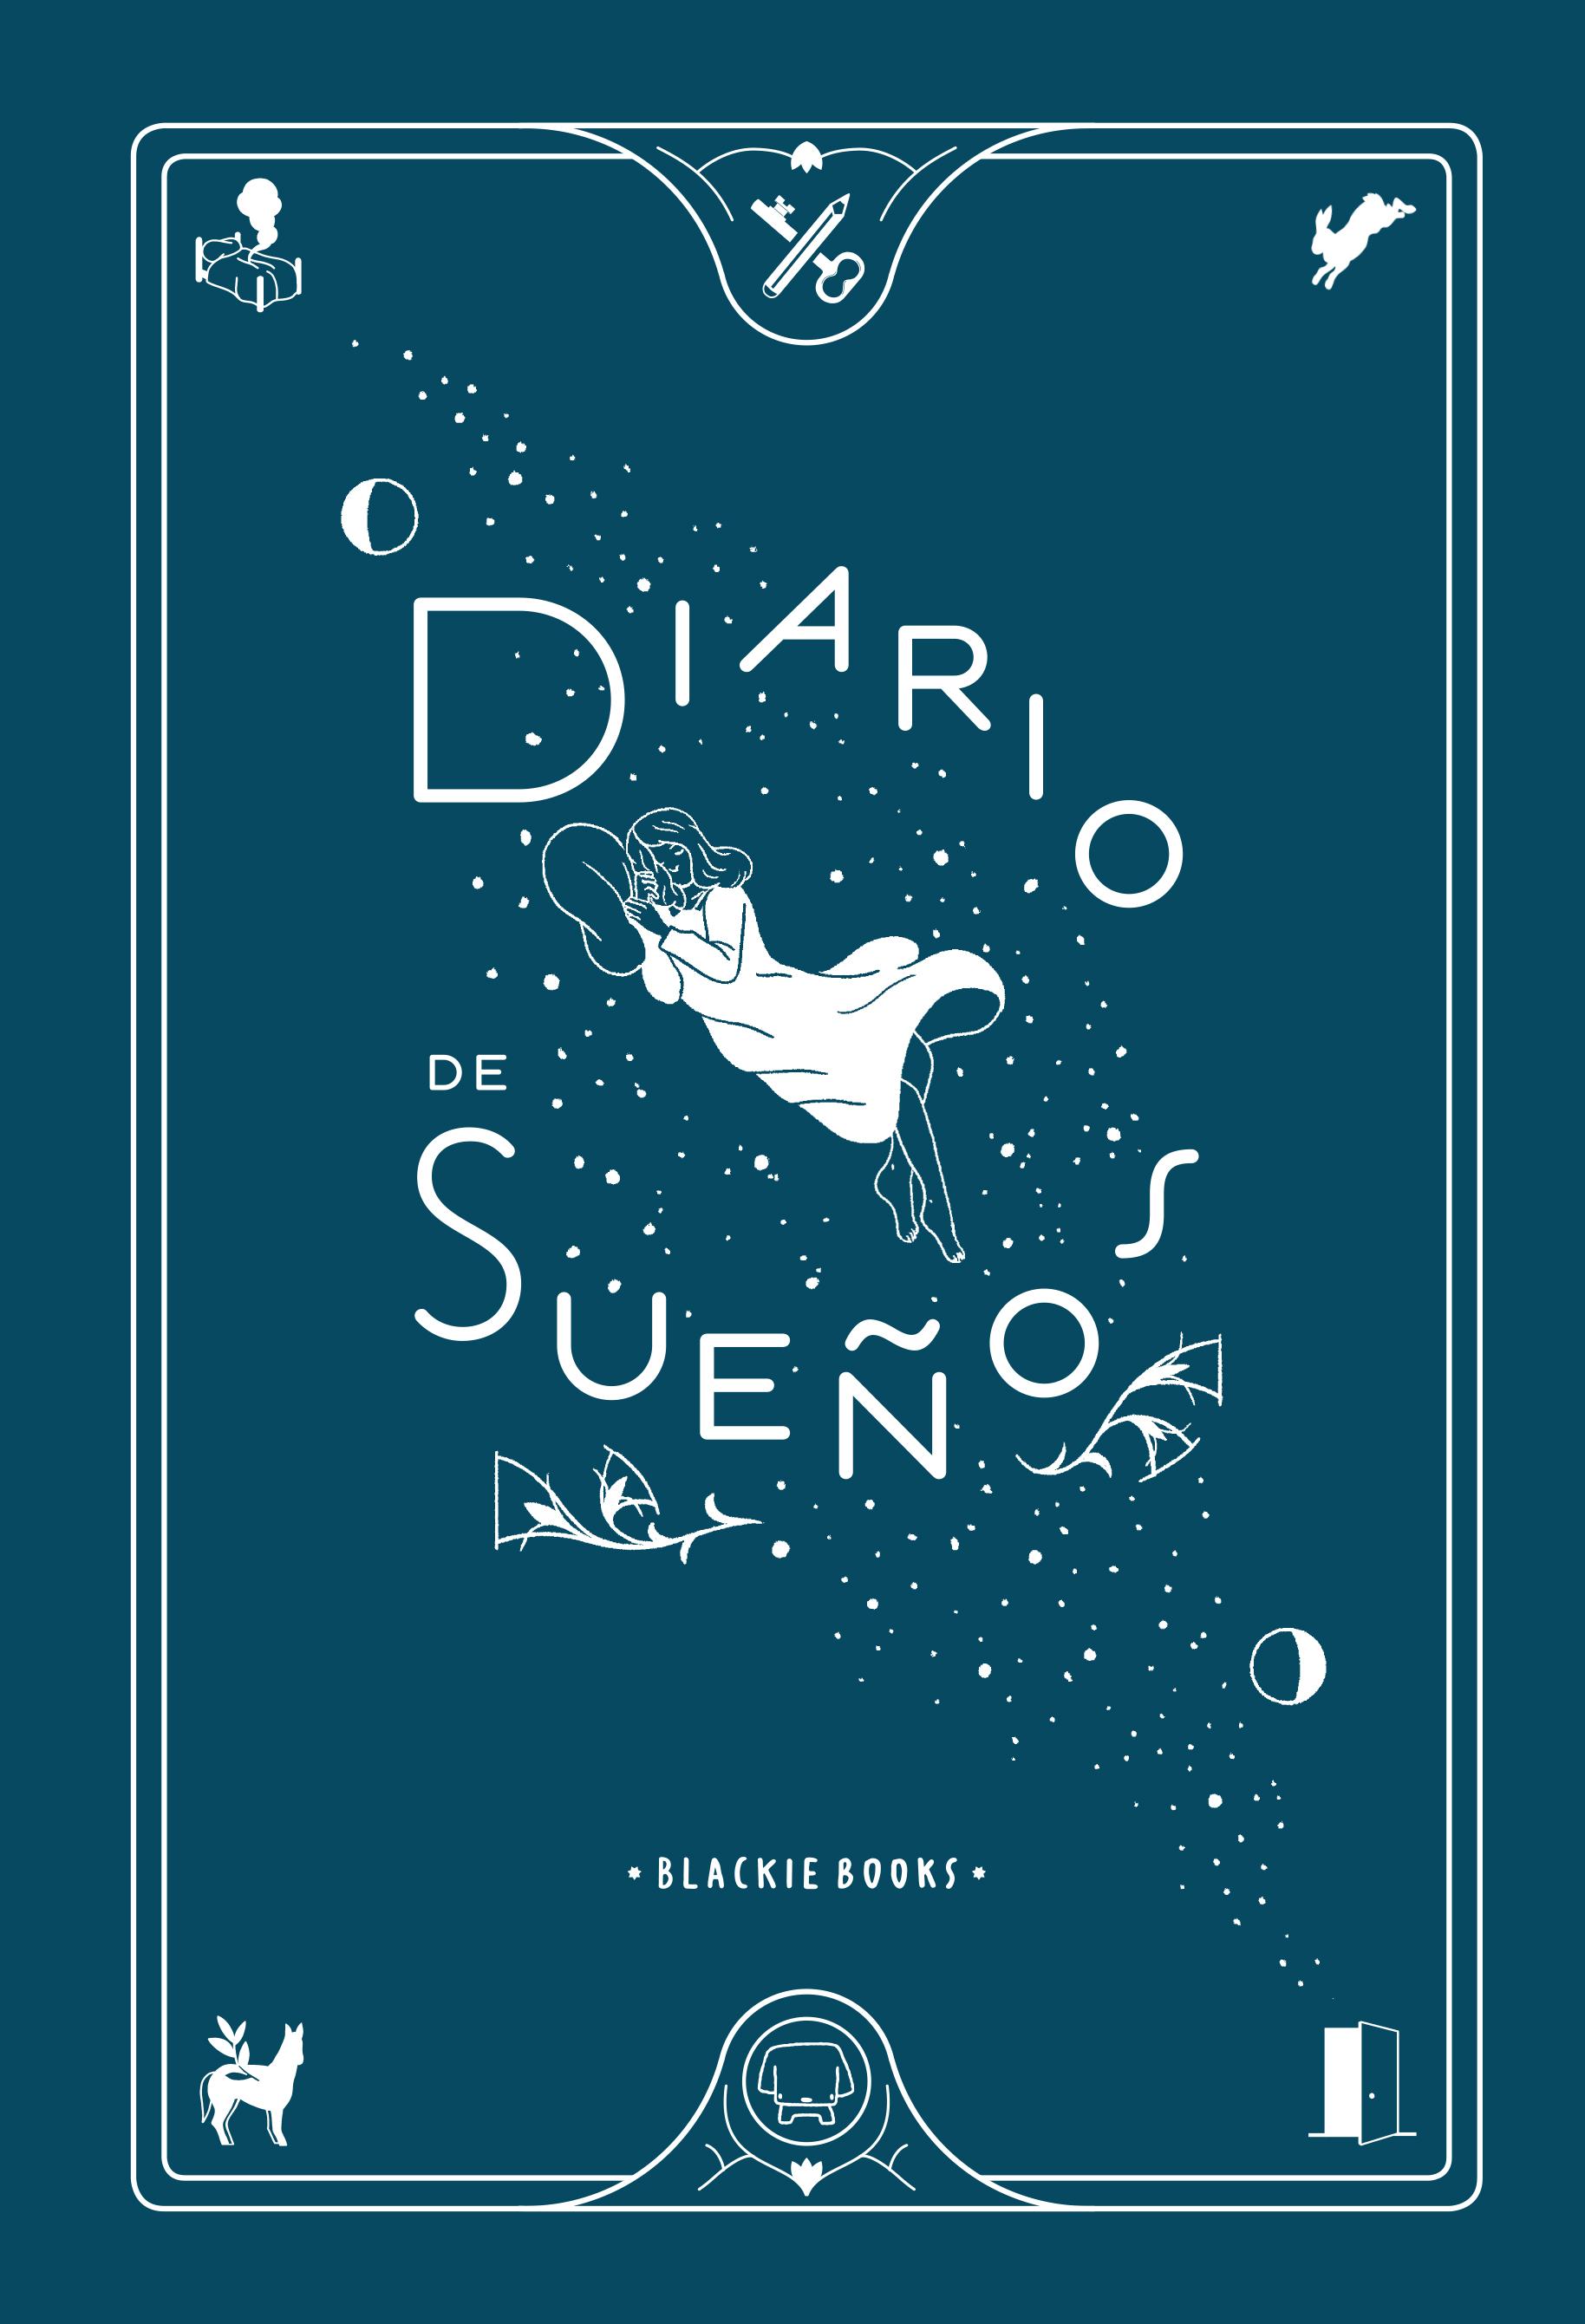 Diario de sueños – Blackie Books